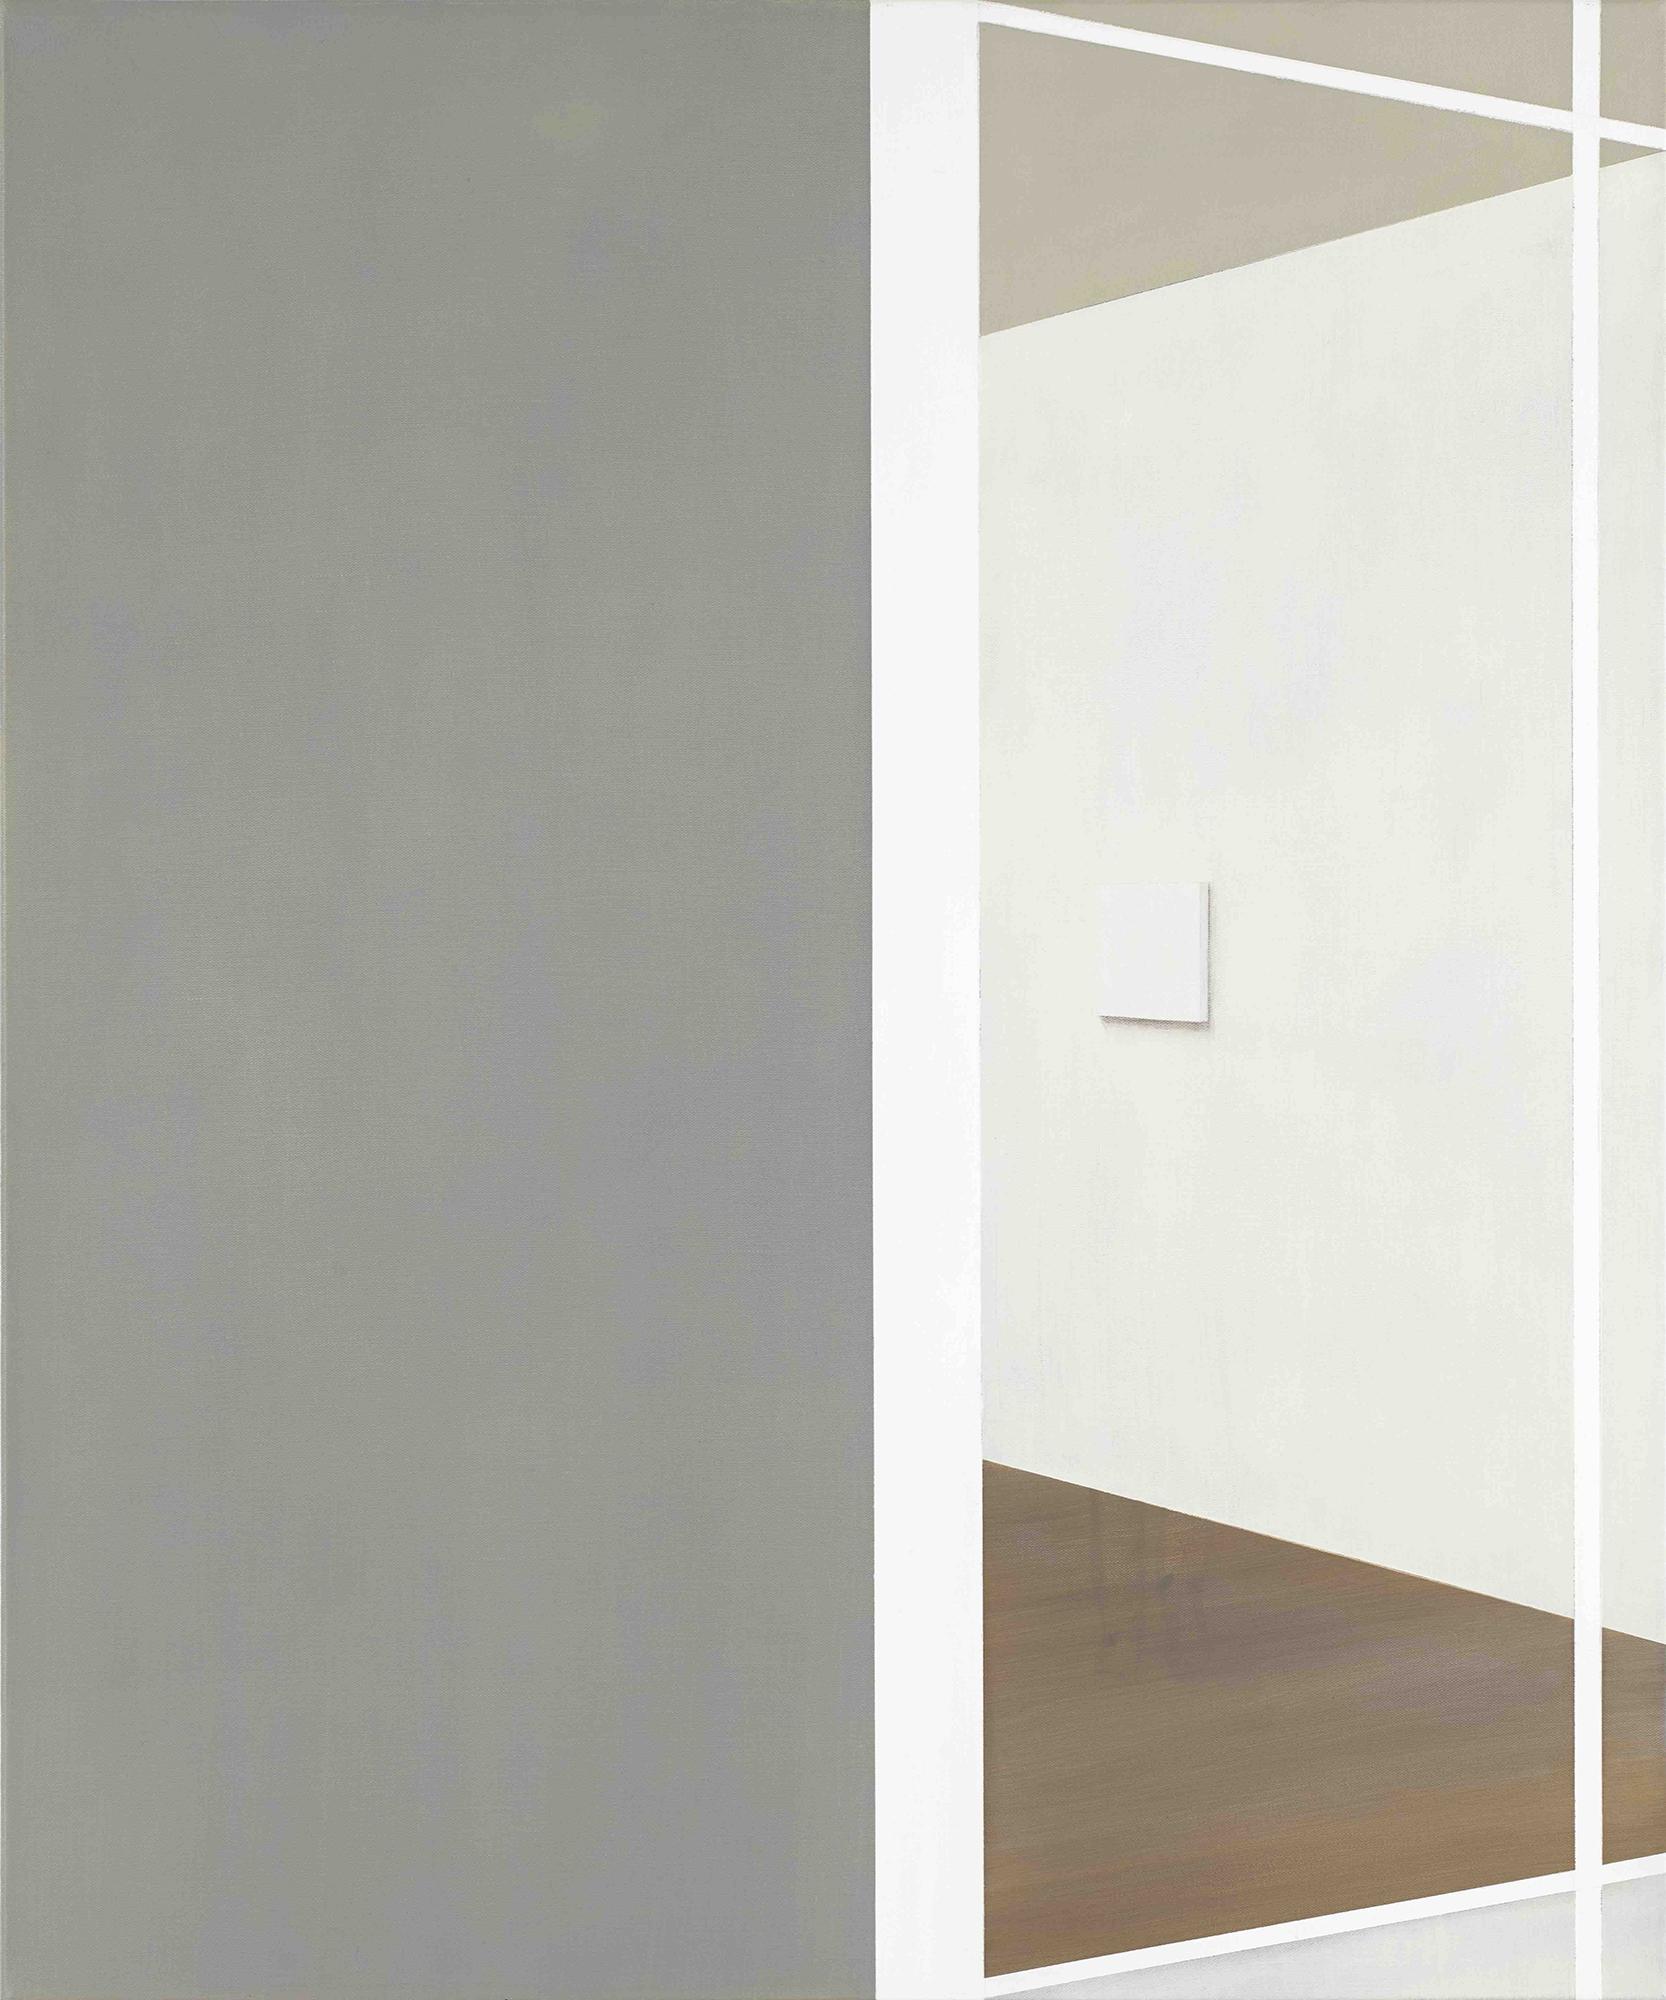 Tim Eitel, View into a Room (canvas), 2019, Öl auf Leinwand, 90 x 75 cm courtesy Galerie EIGEN + ART Leipzig/Berlin, Pace Gallery und Jousse Entreprise , VG Bild-Kunst, Bonn 2020 Foto: Jean-Louis Losi